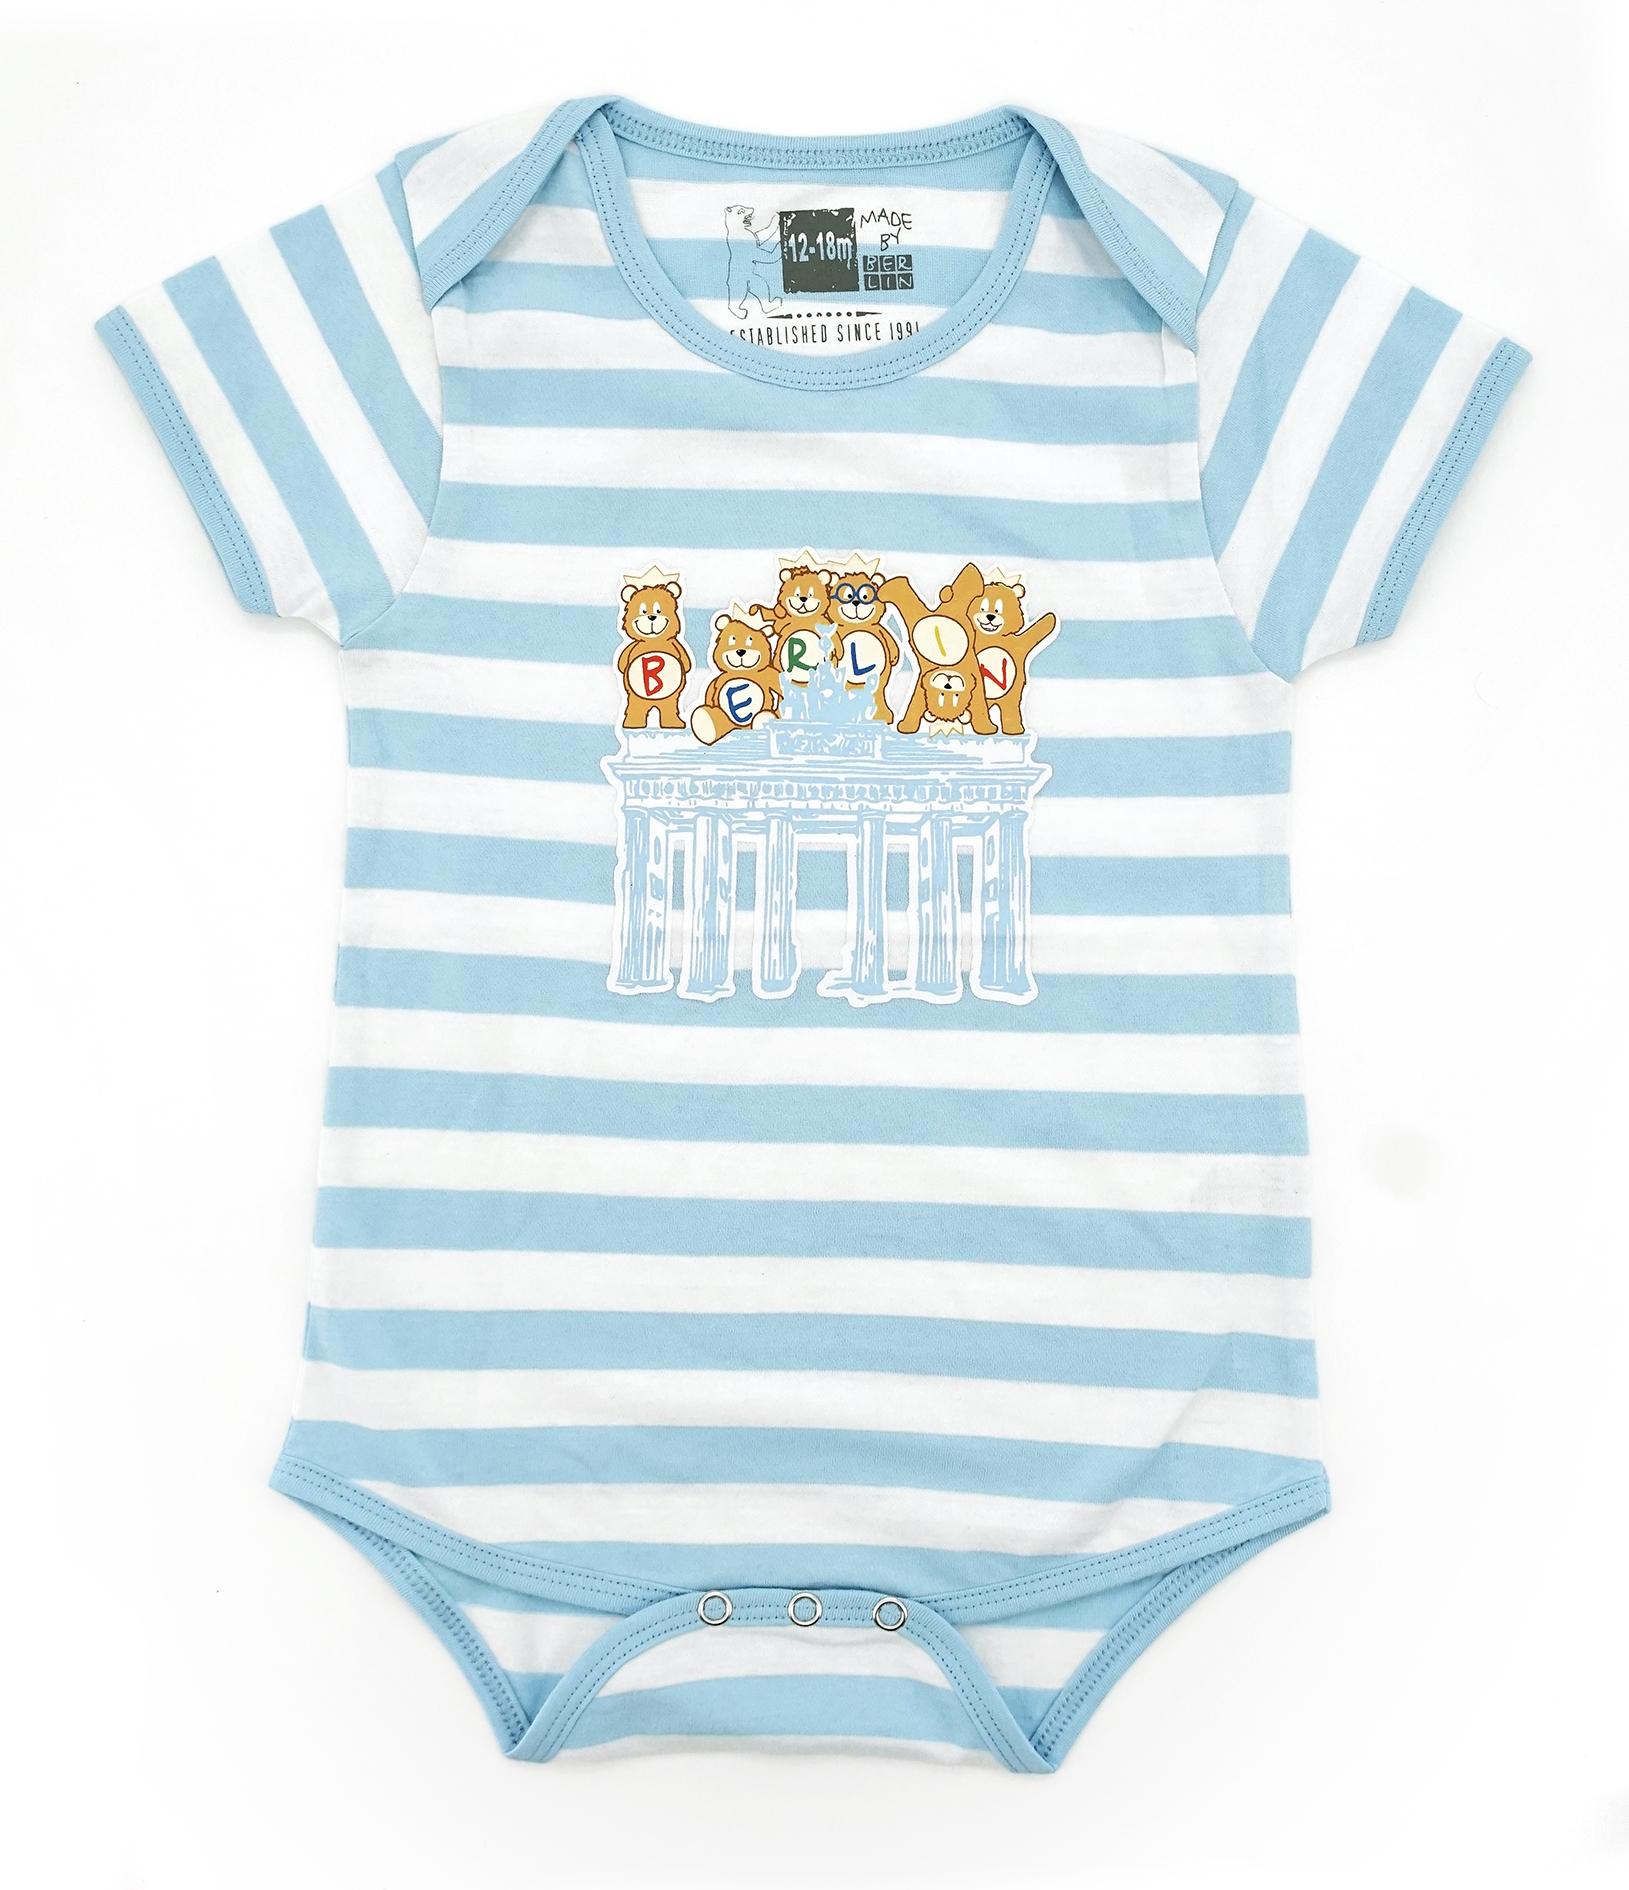 010-1055_Baby-Body_BERLIN_weiss-blau